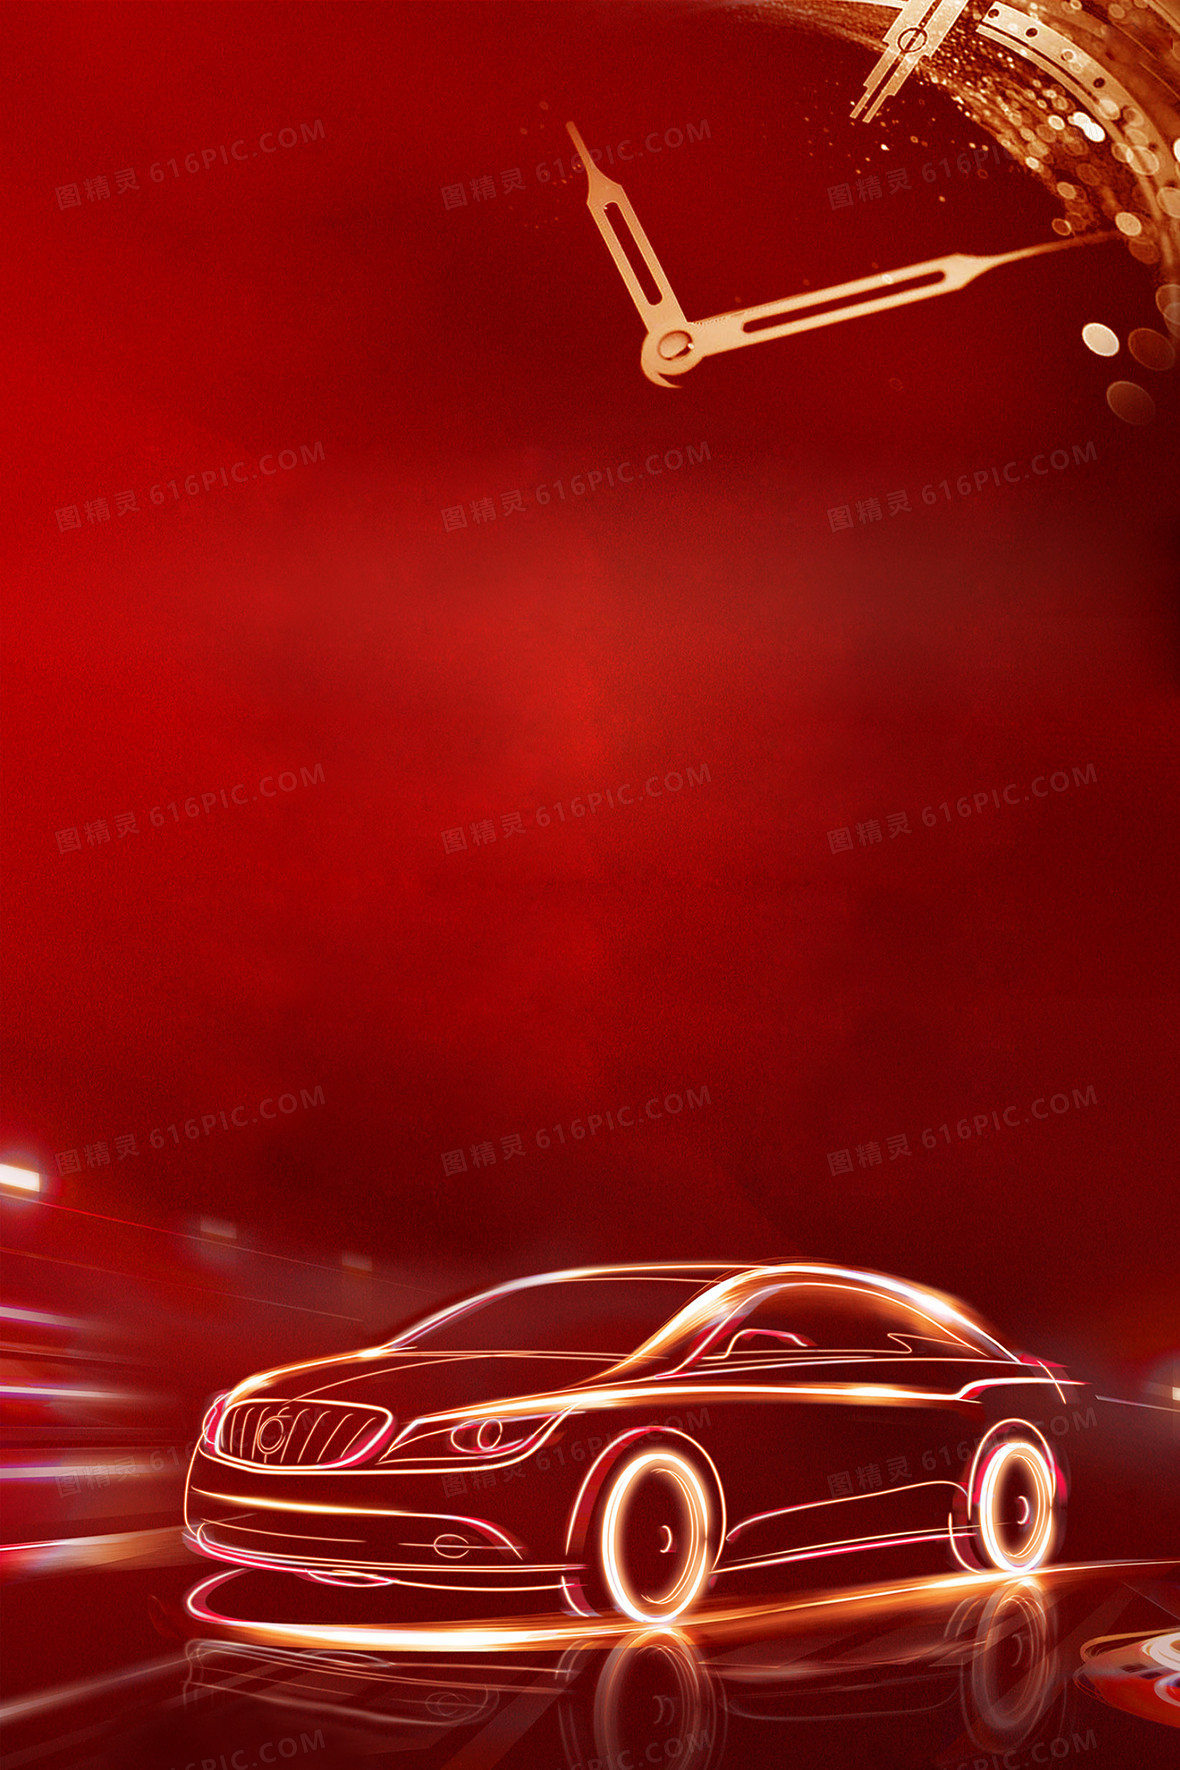 红色简约线条车位出售海报背景素材